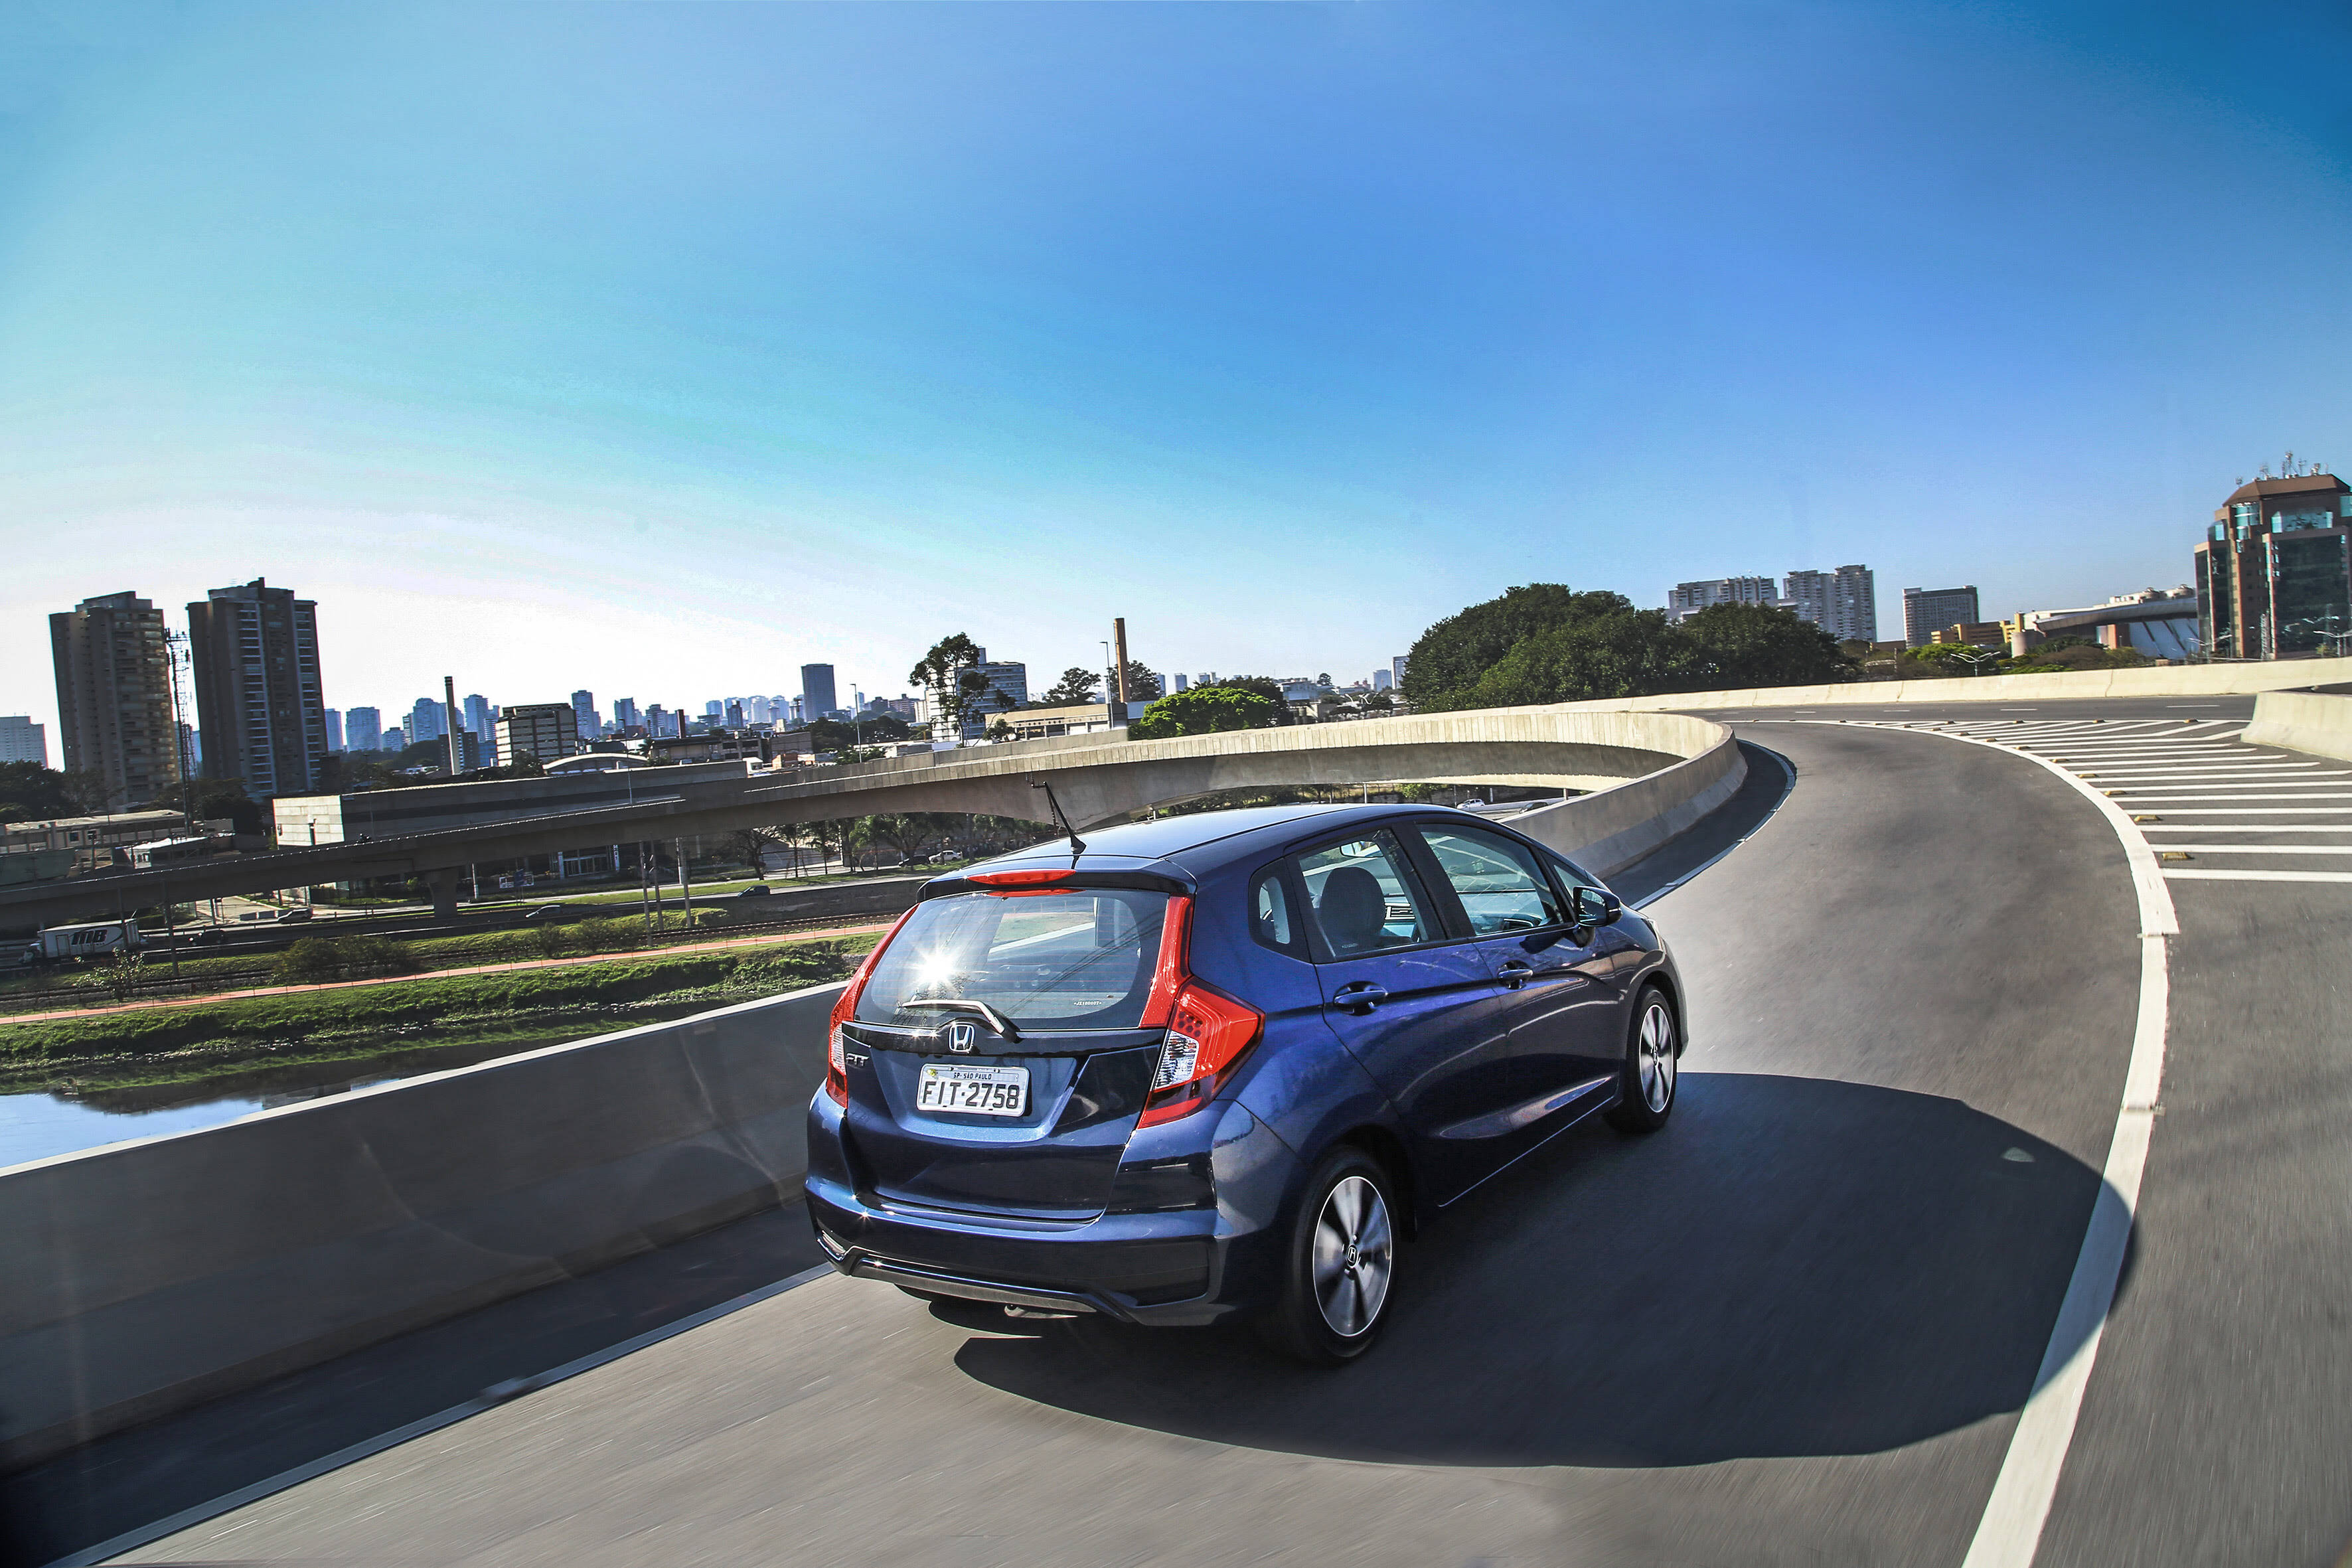 Honda Fit 2018: o novo para-choque traseiro deixou o carro 8 cm mais comprido. A Honda diz que a medida não influencia no comportamento dinâmico.. Foto: Divulgação